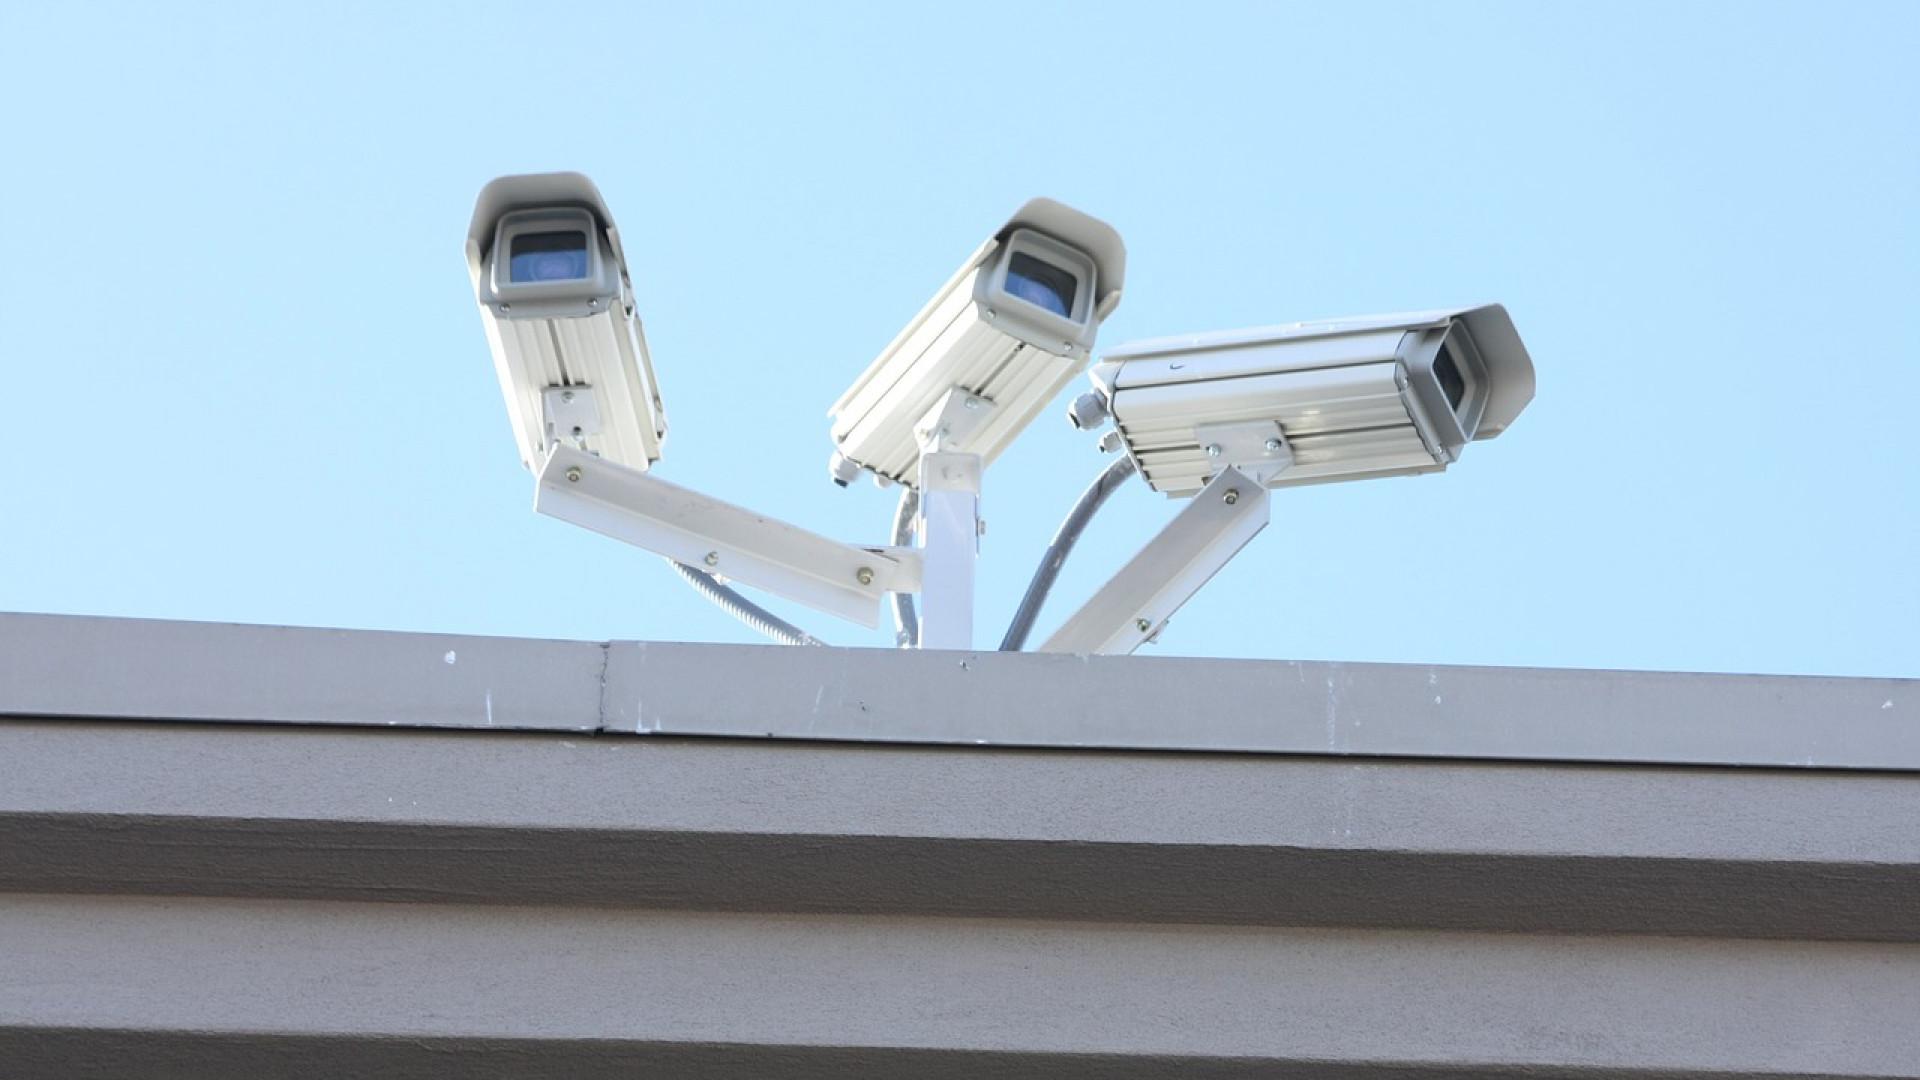 image Comment installer un système de vidéo surveillance?